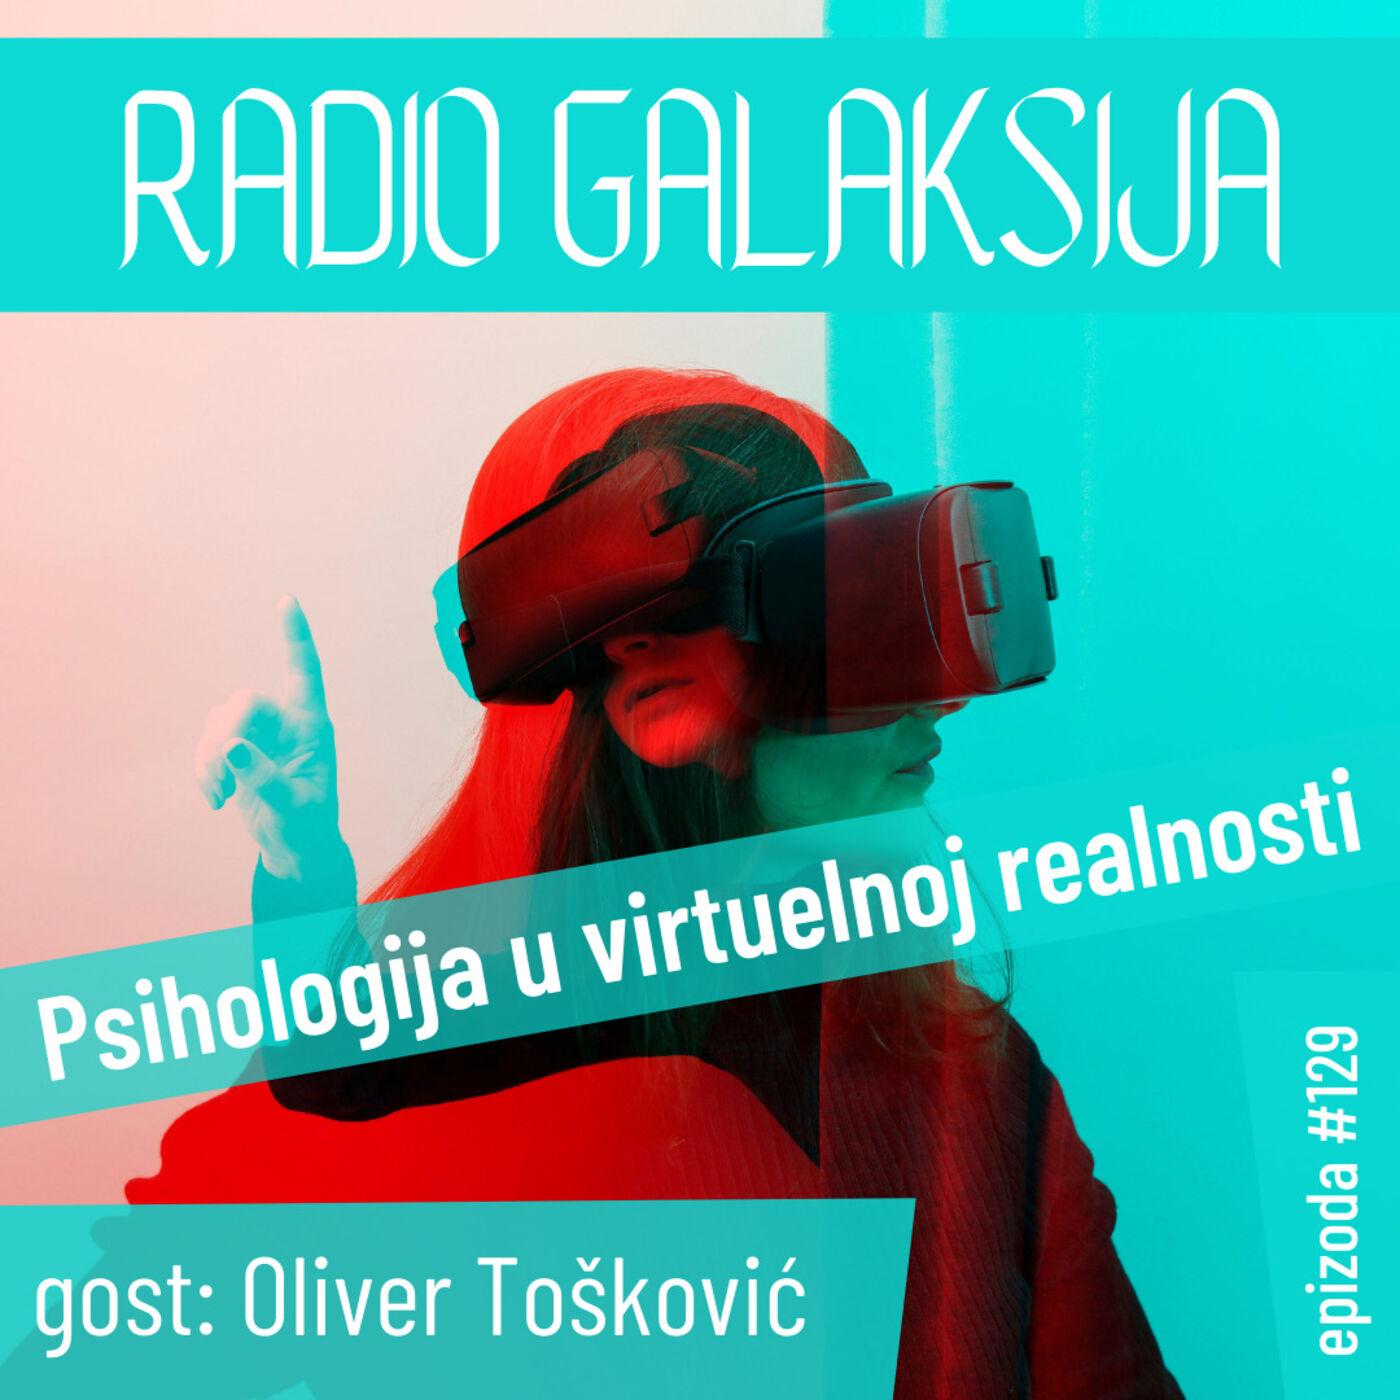 Radio Galaksija #129: Psihologija u virtuelnoj realnosti (gost: prof. dr Oliver Tošković) [08-06-2021]